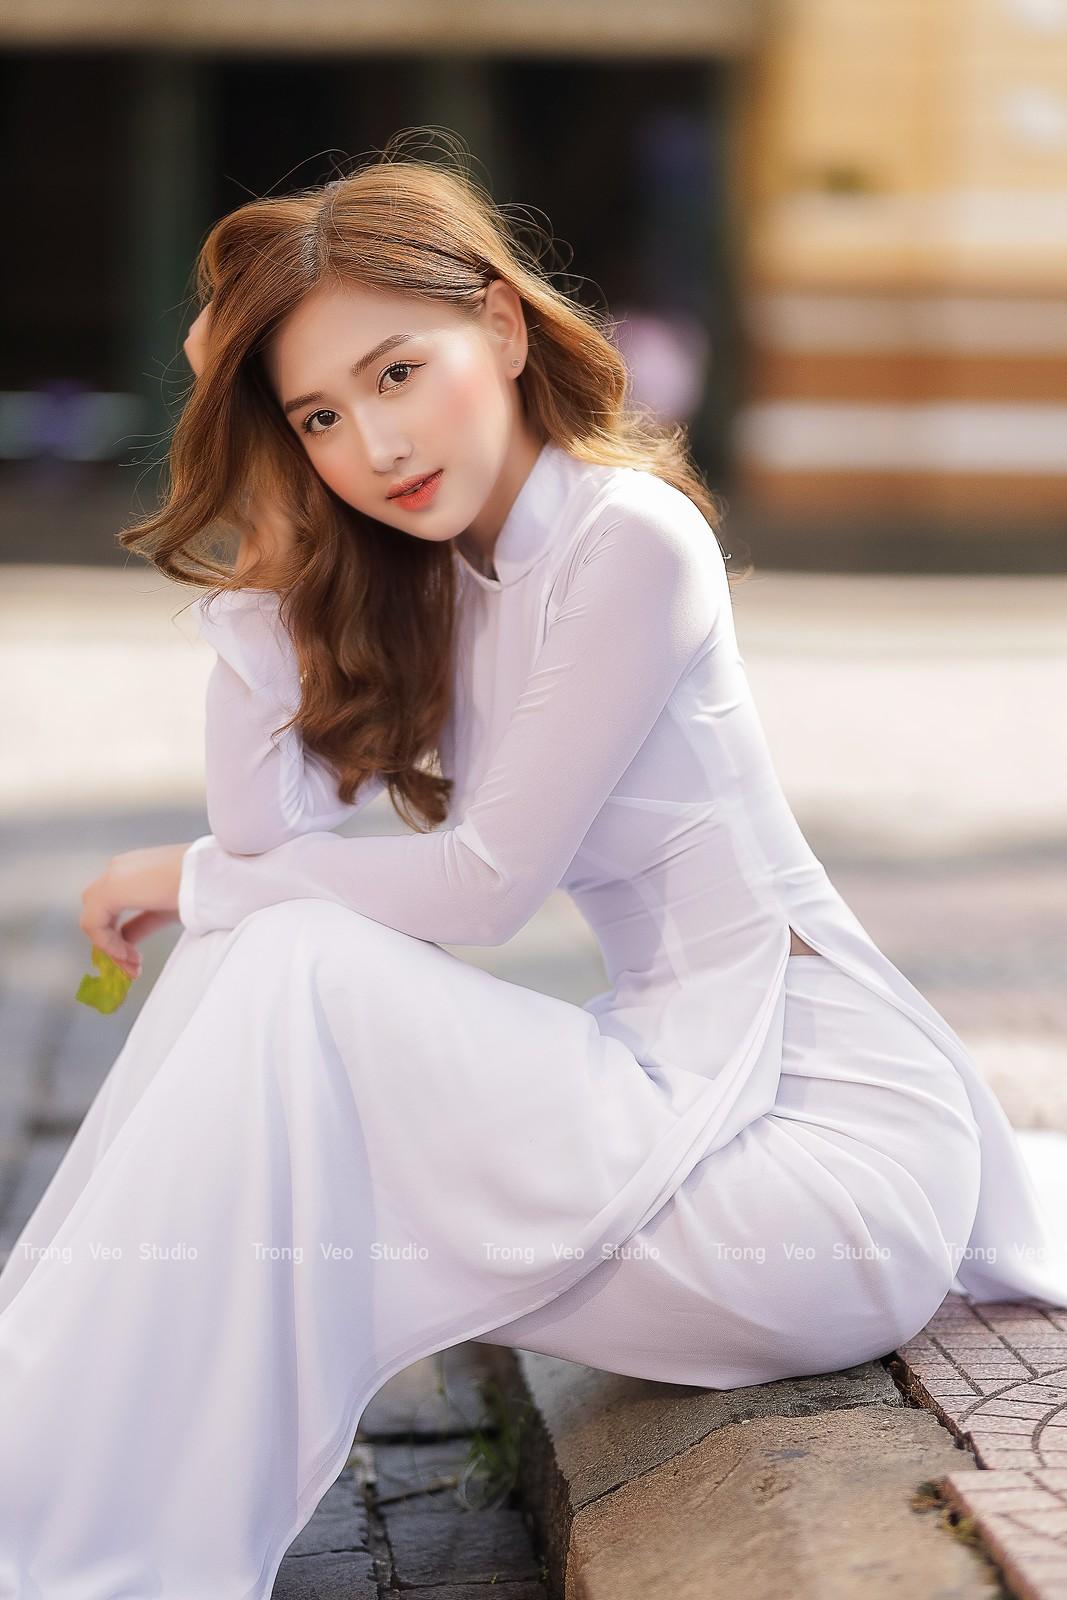 Ngắm hot Girl Thu Hương xinh đẹp như hóa trong tà áo dài trắng bên cúc họa mi - 13